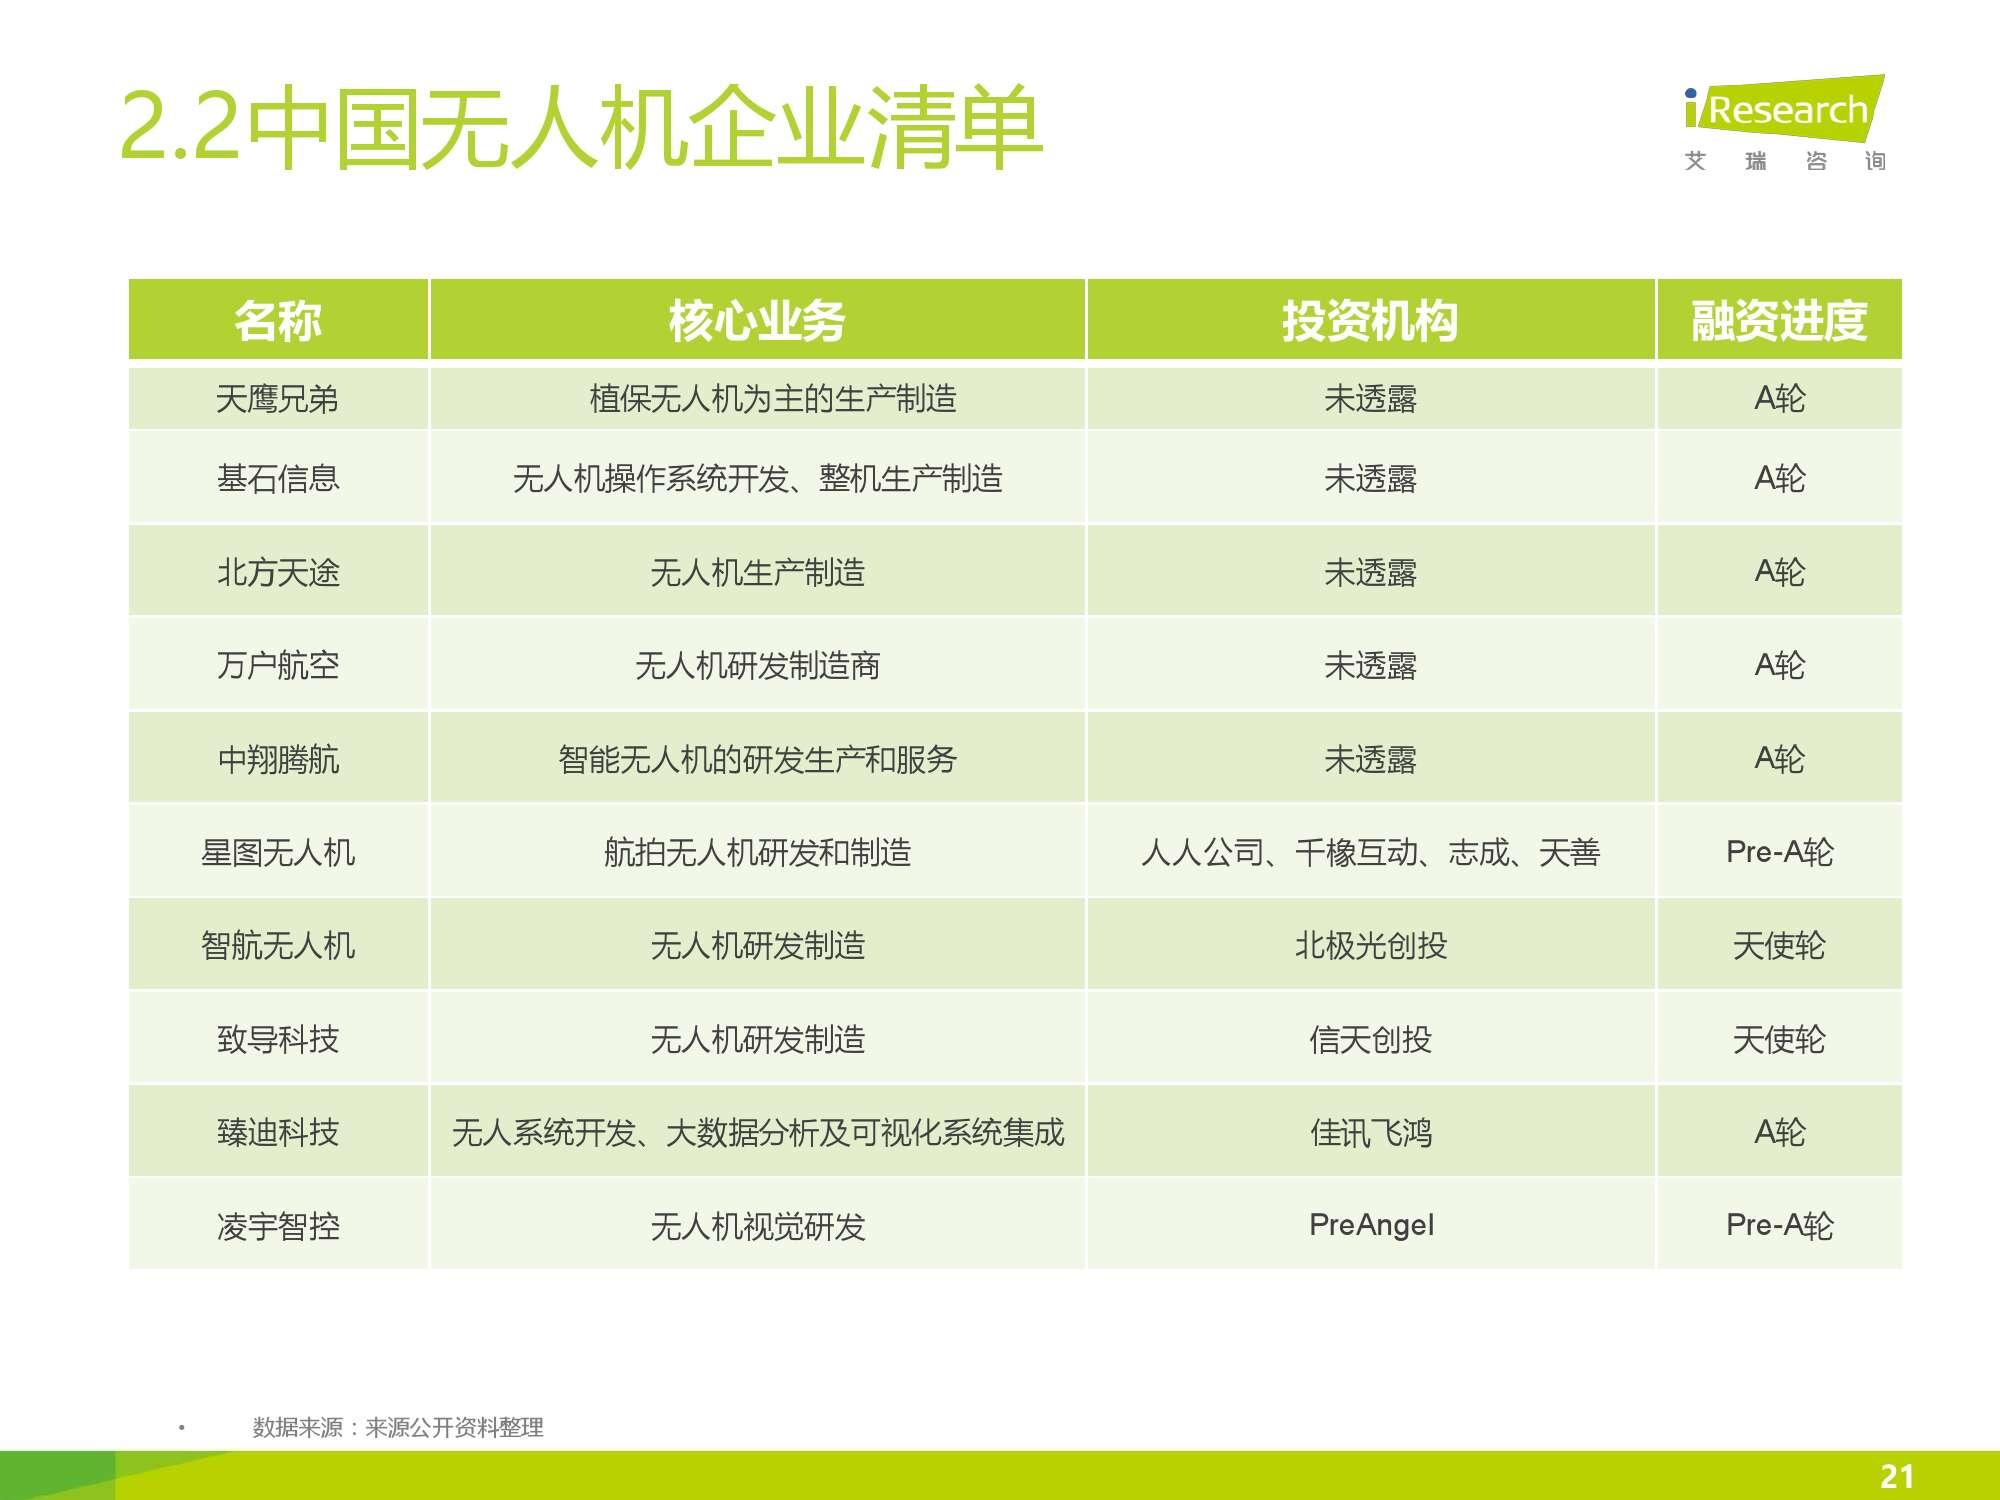 2016年中国无人机行业研究报告简版_000021